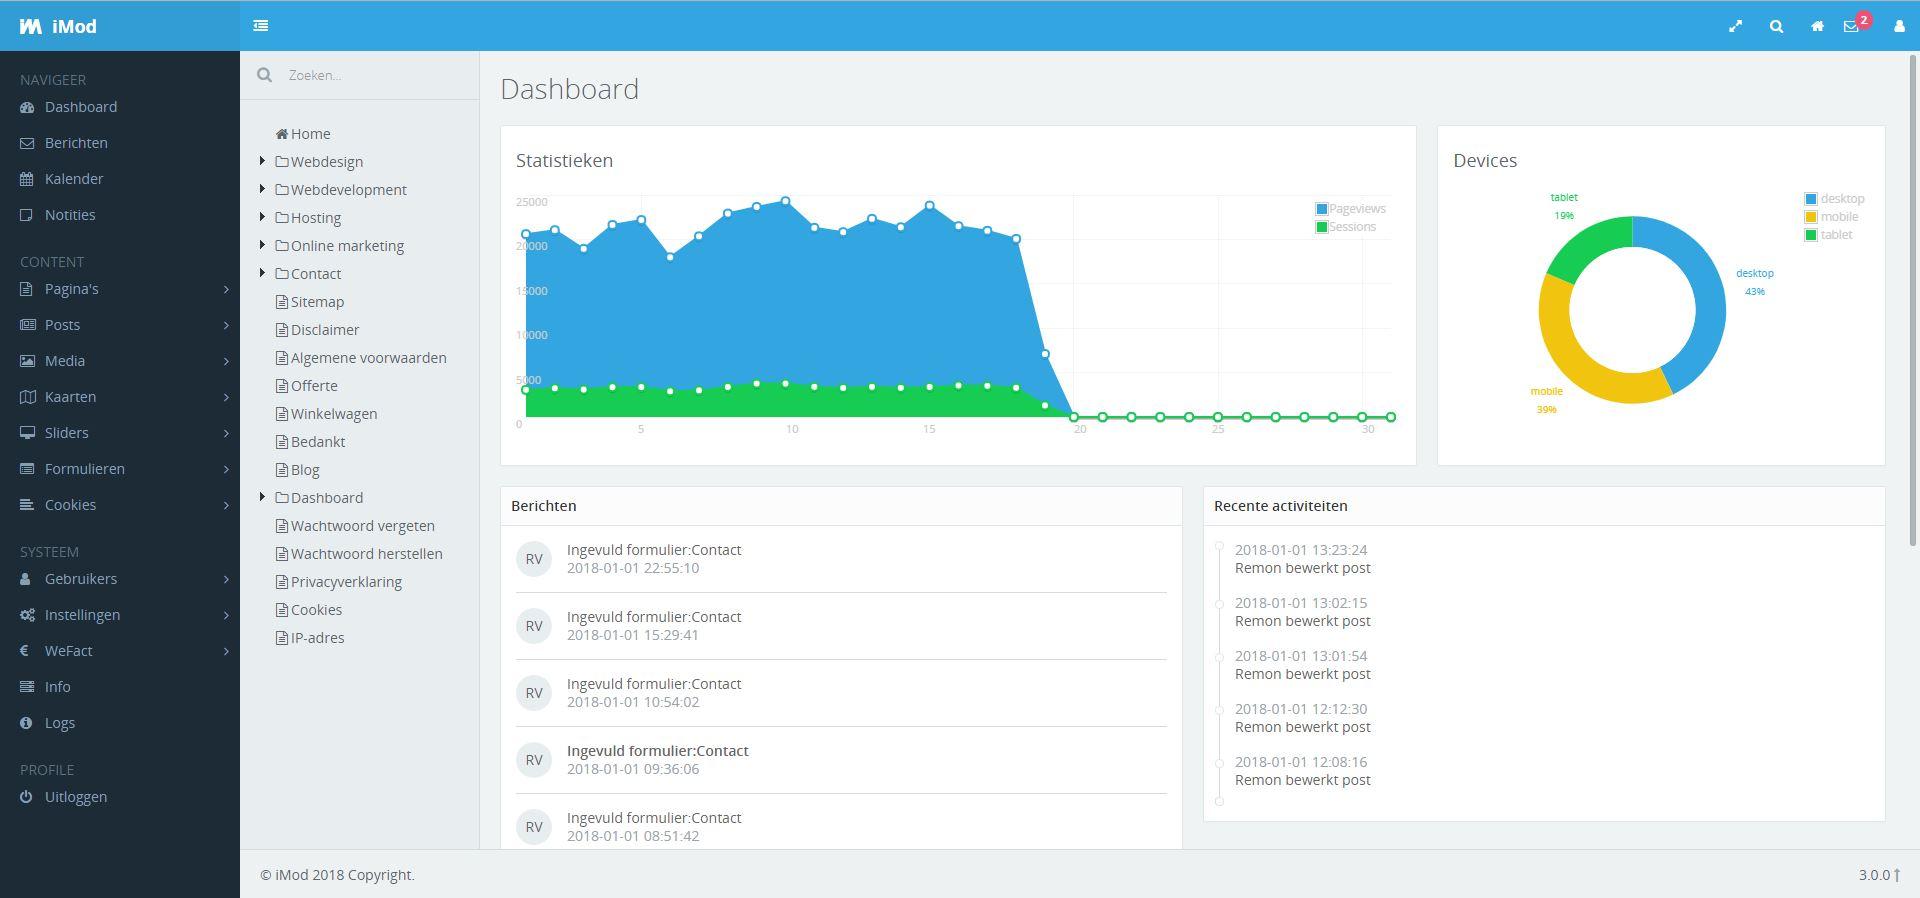 Dashboard iMod 3.0